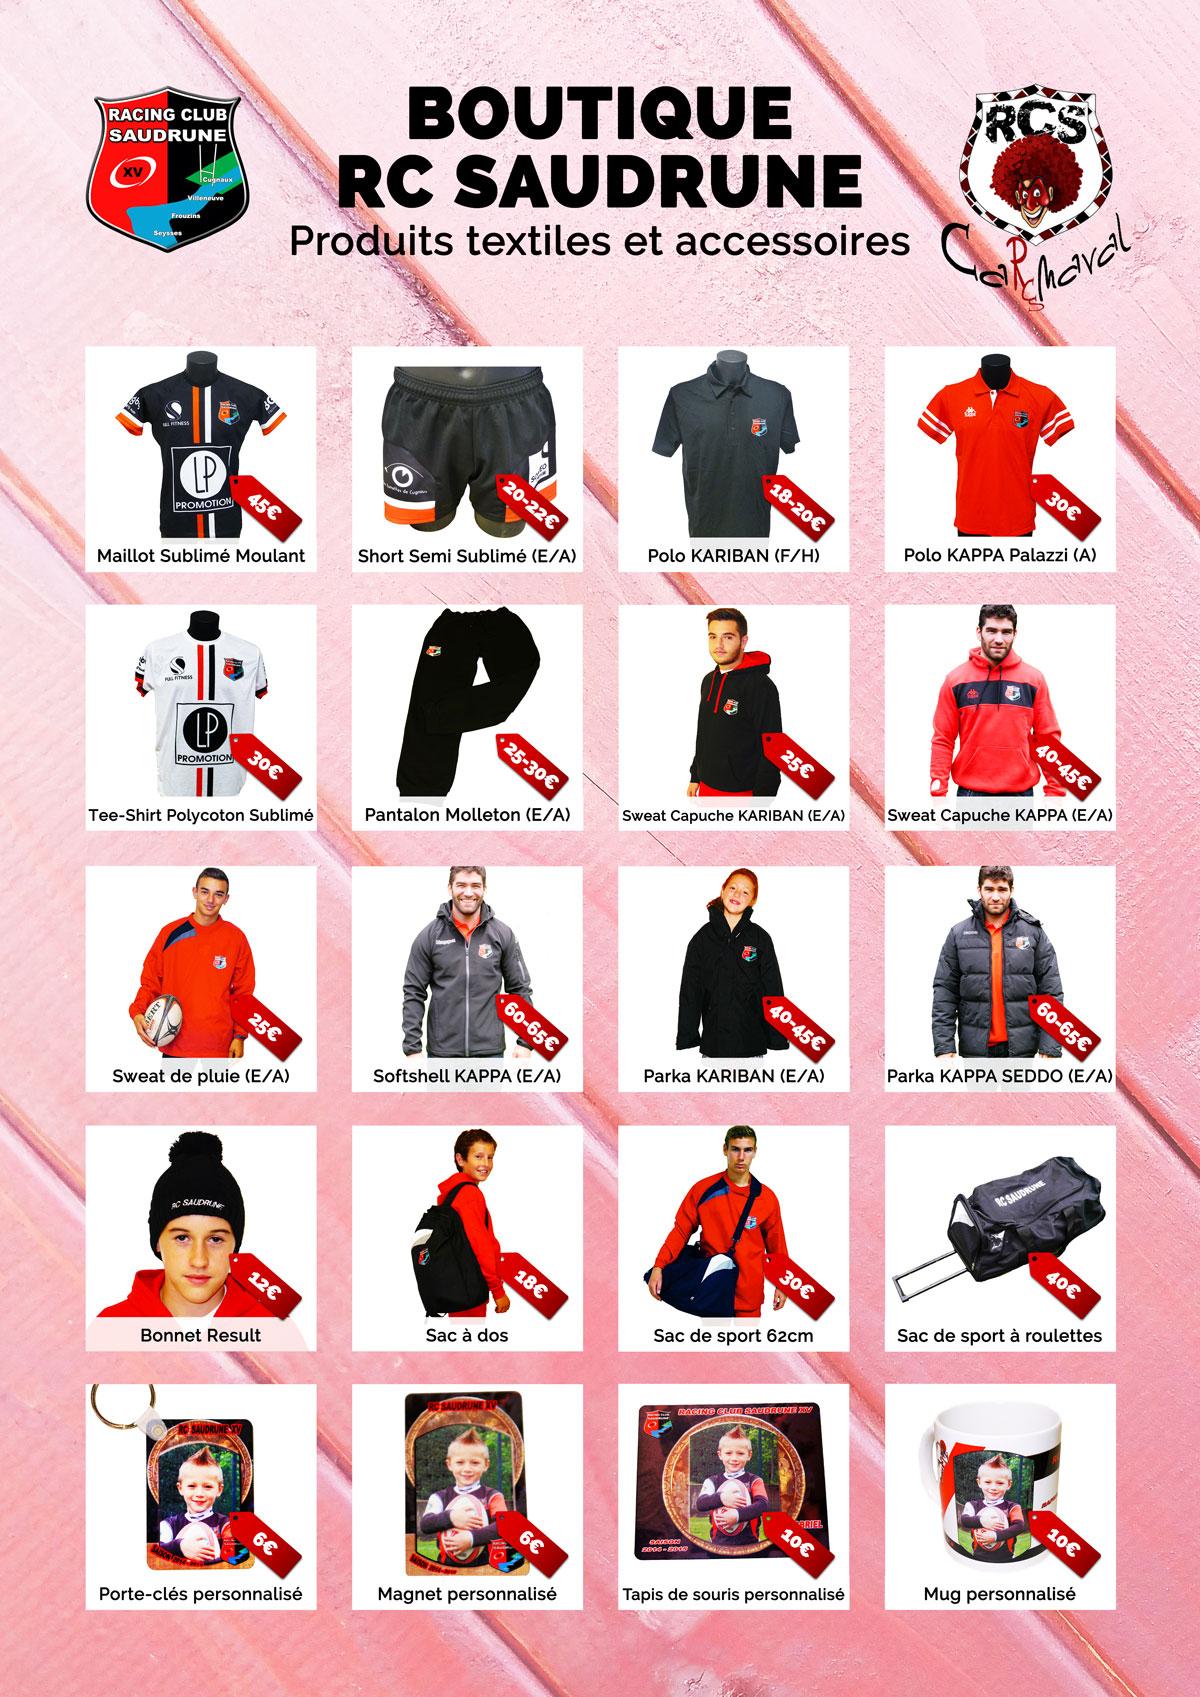 affiche-boutique-rcs-textiles-acc